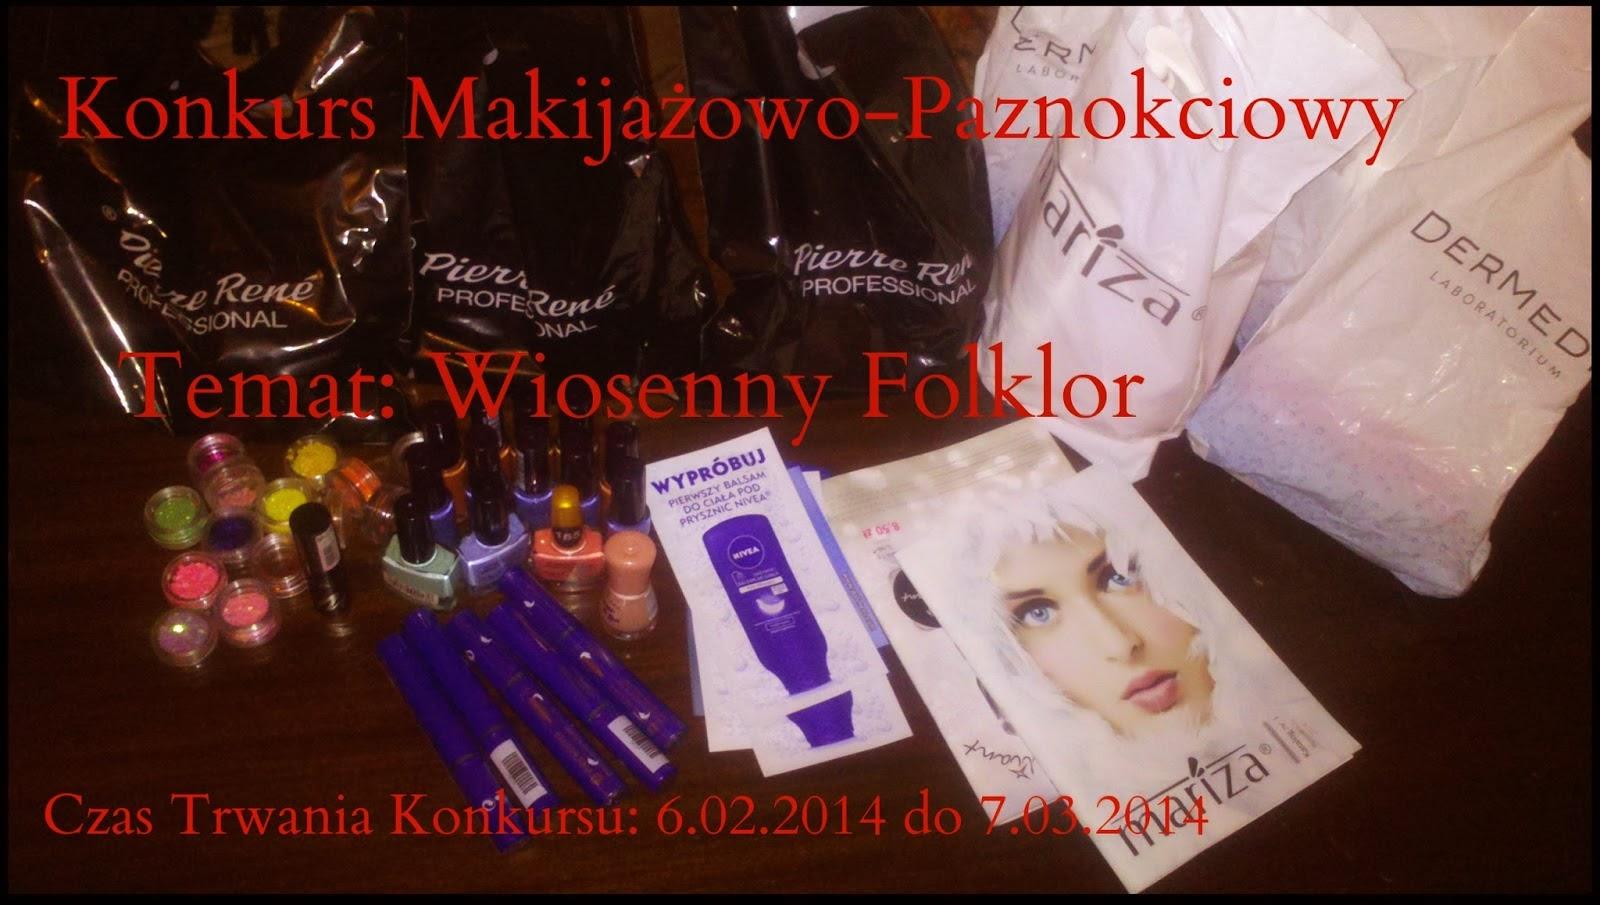 http://makijaze-justyny.blogspot.com/2014/02/konkurs-wiosenny-folklor.html